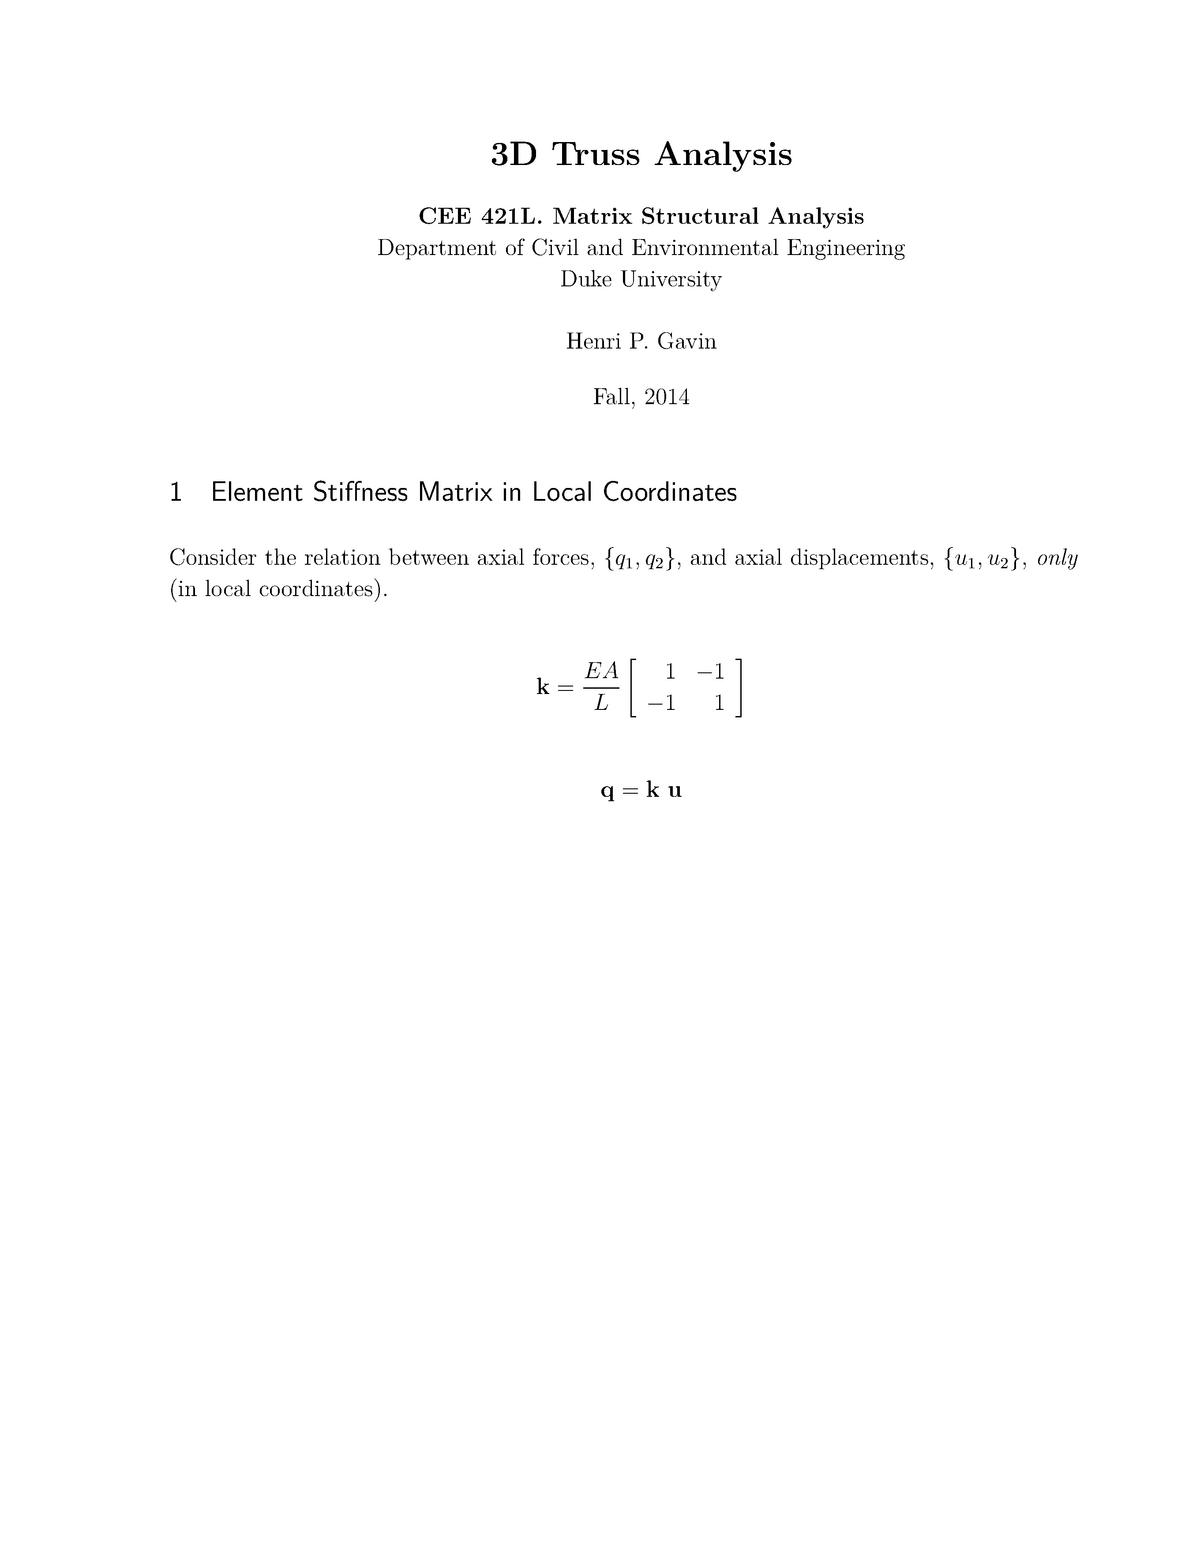 Practical - 3d truss analysis - CEE 421L : Matrix Structural